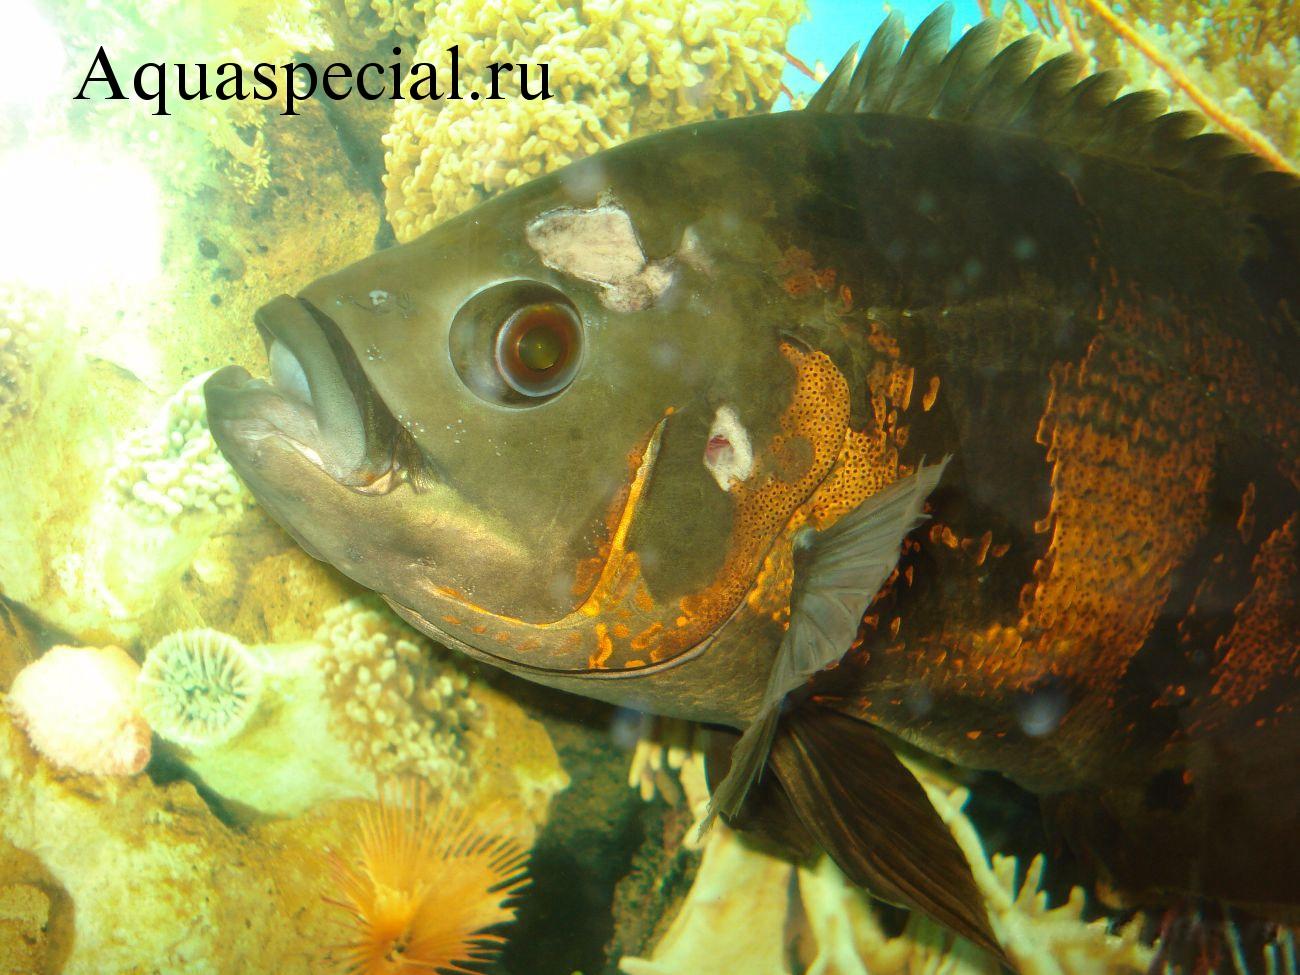 Болезни аквариумных рыбок: Симптомы, лечение. Гексамитоз. Астронотус заболел. Дыры в голове у рыбы.